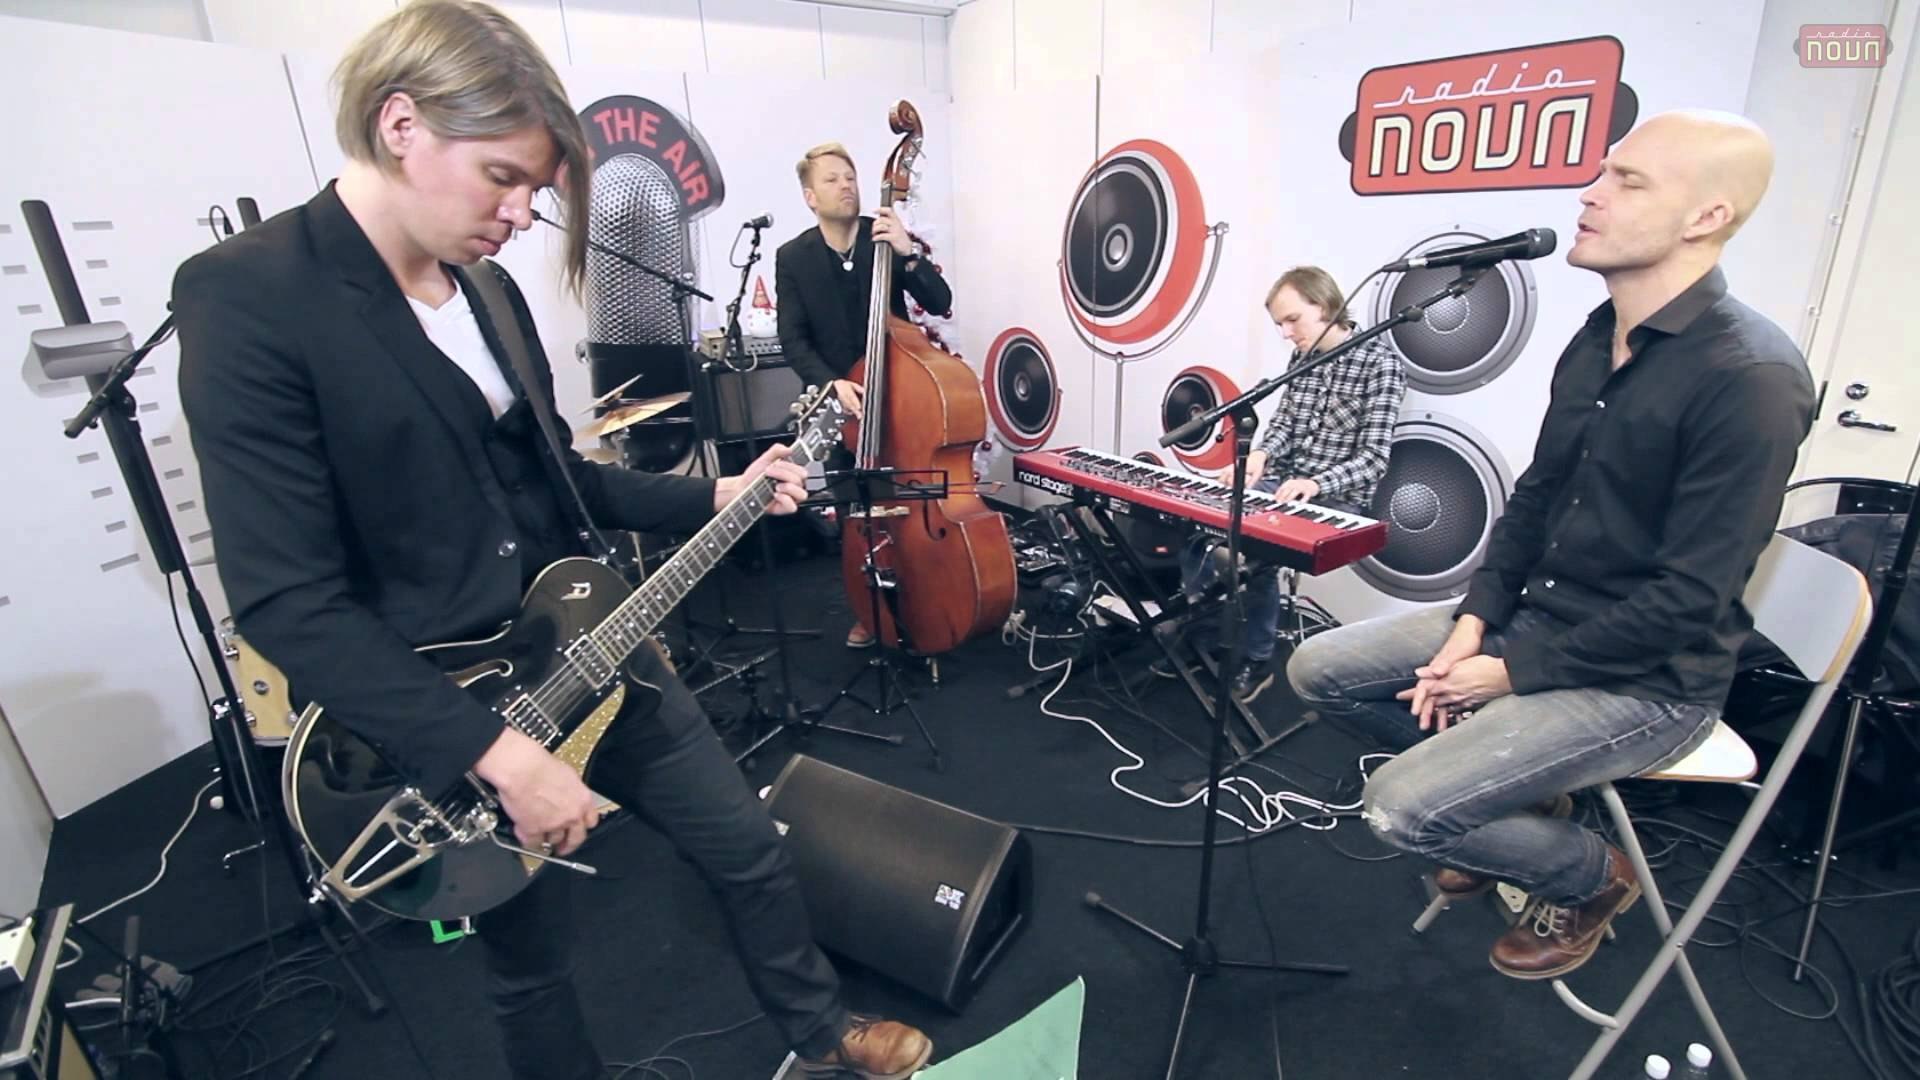 Juha Tapion joulukonsertti @ Radio Nova Stage